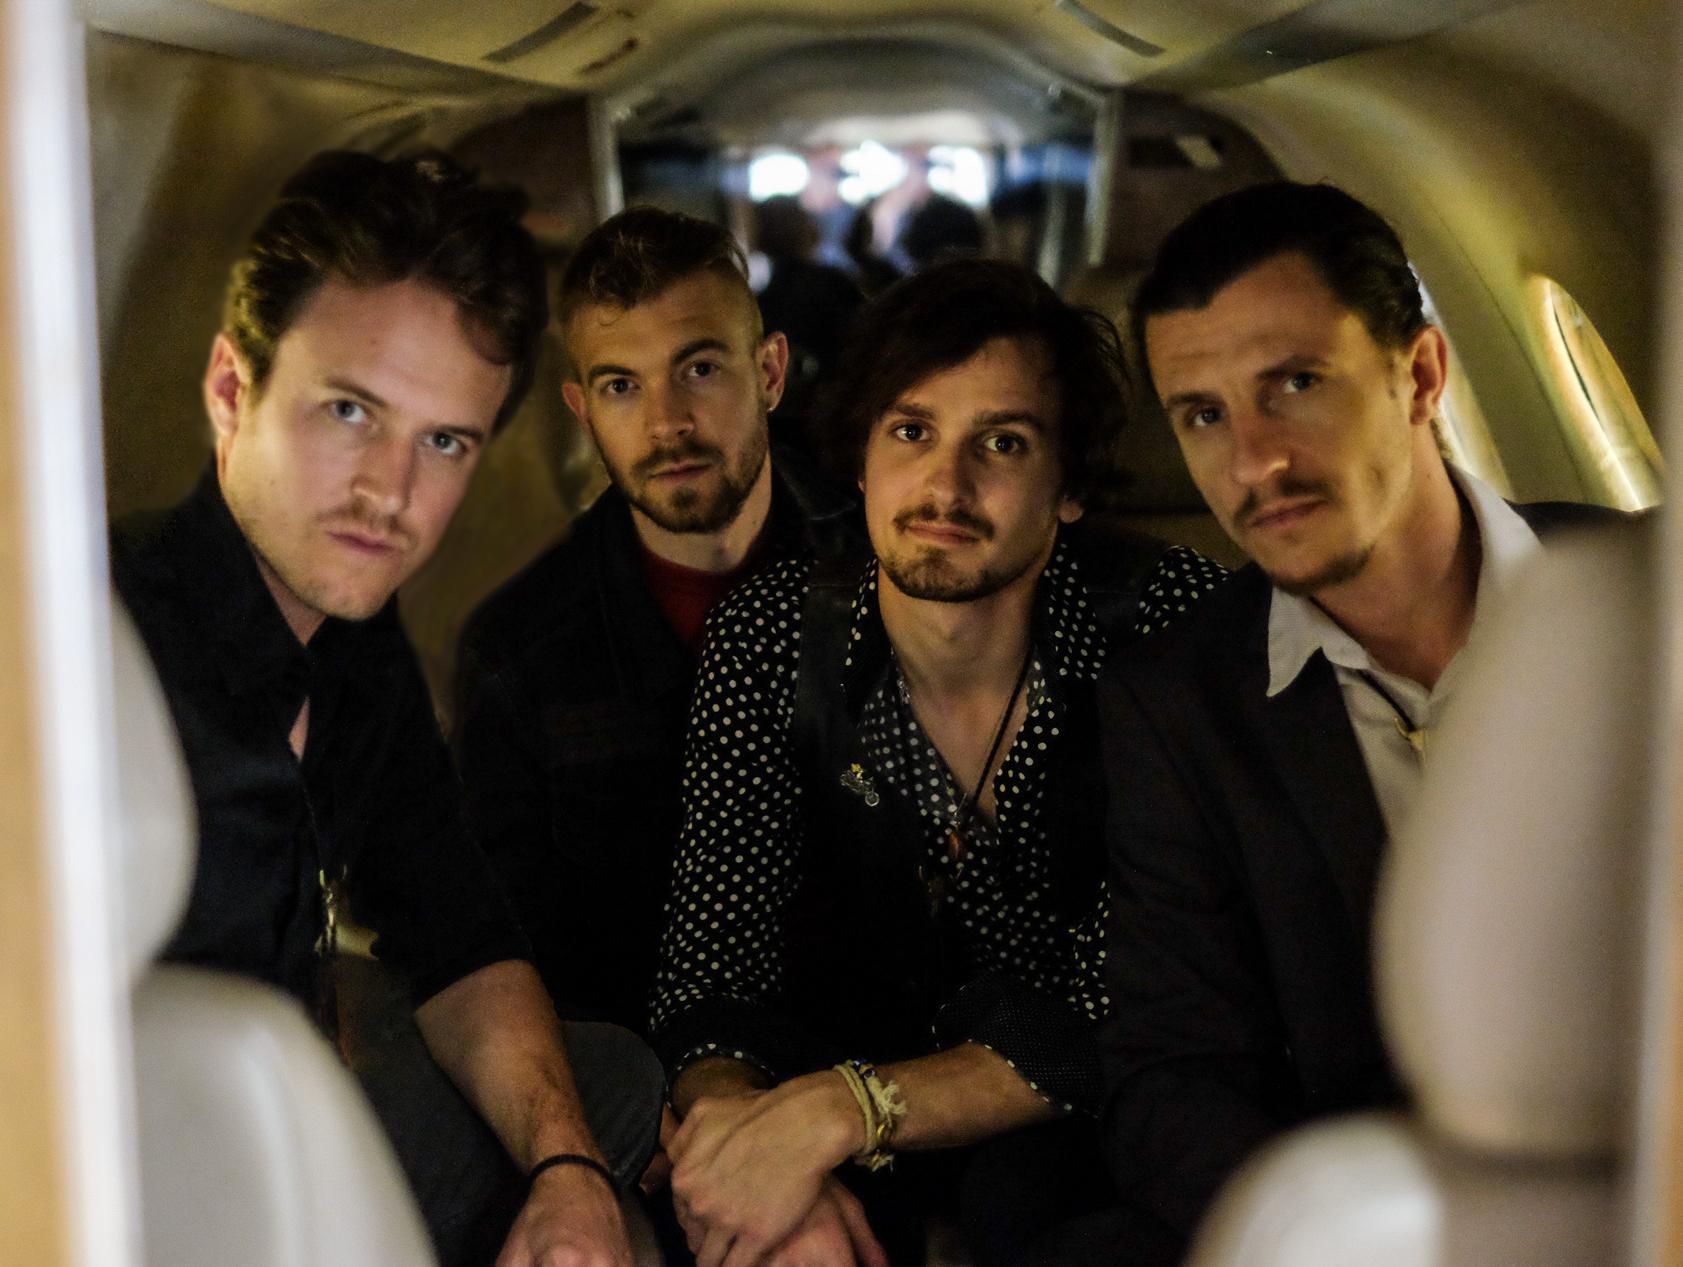 Promo_Inside Airplane_Loaded & Rollin.jpg